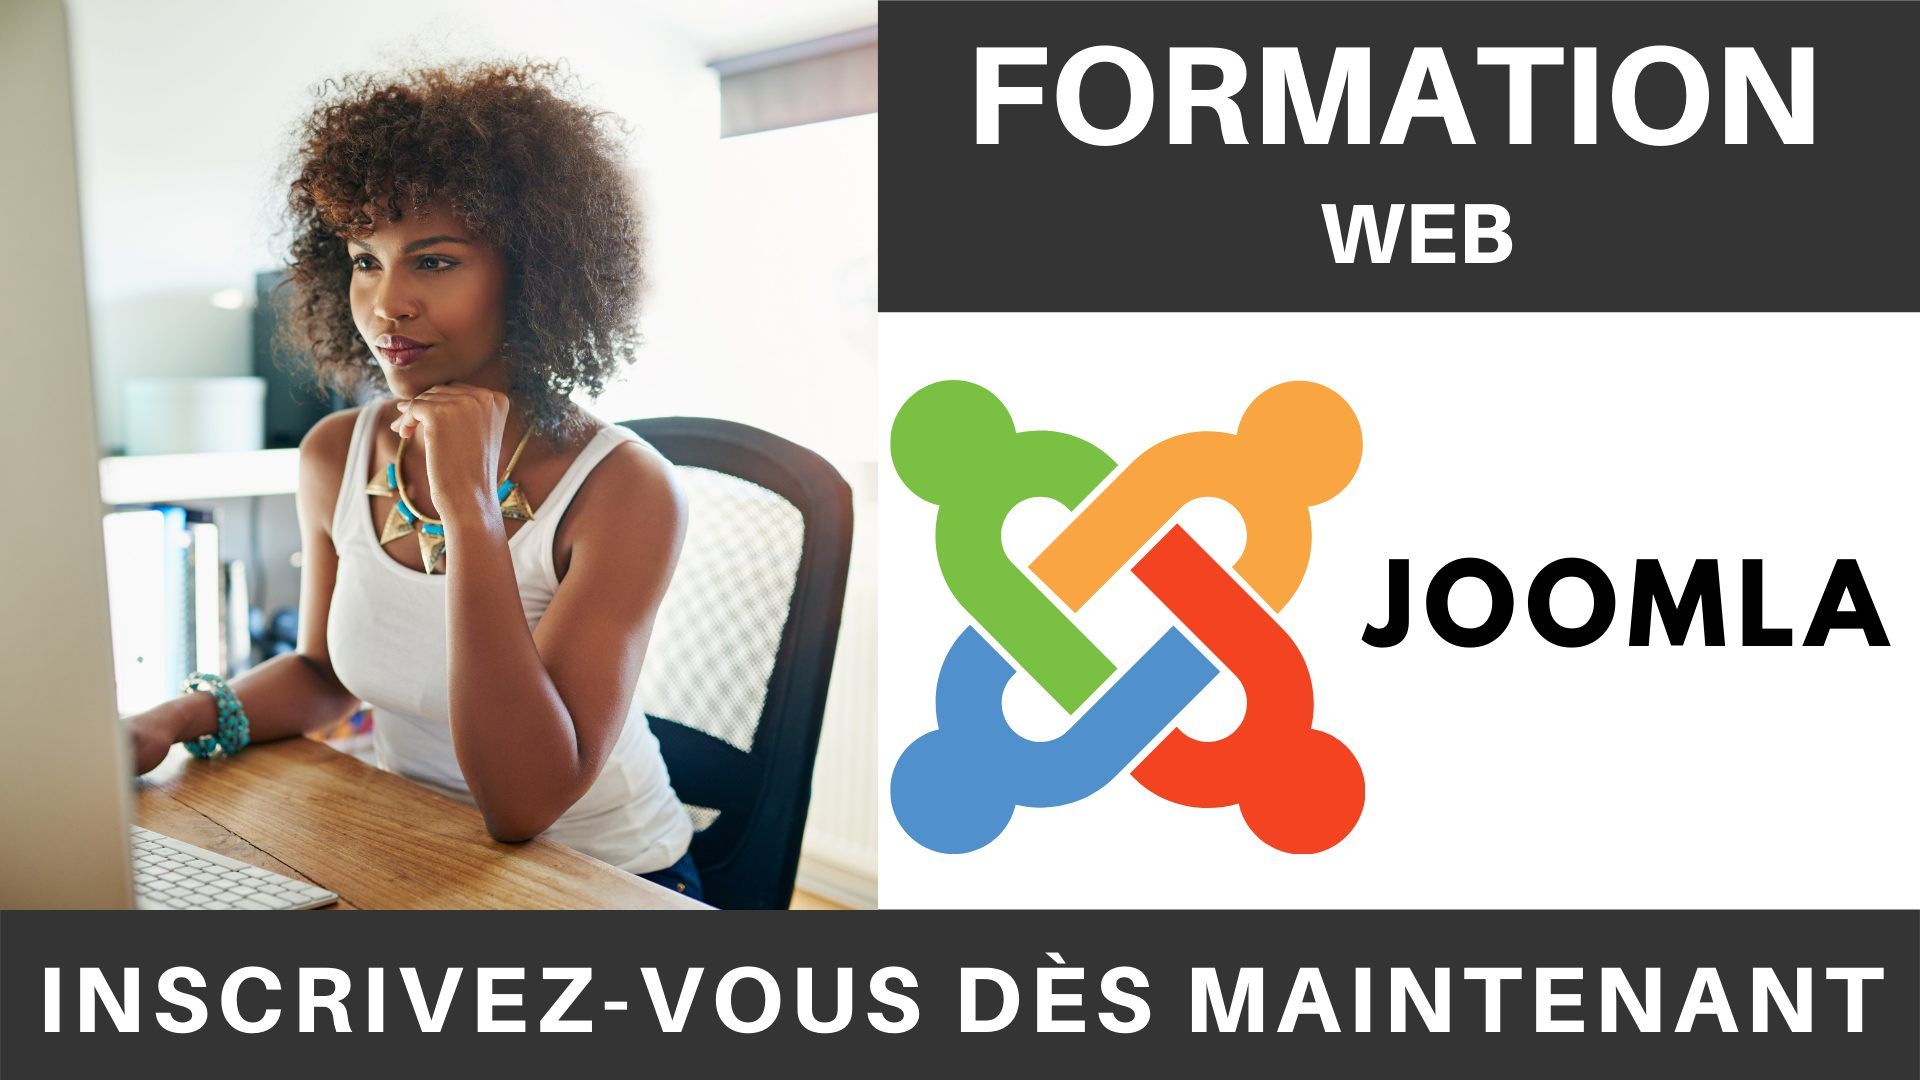 Formation WEB - Joomla (1)